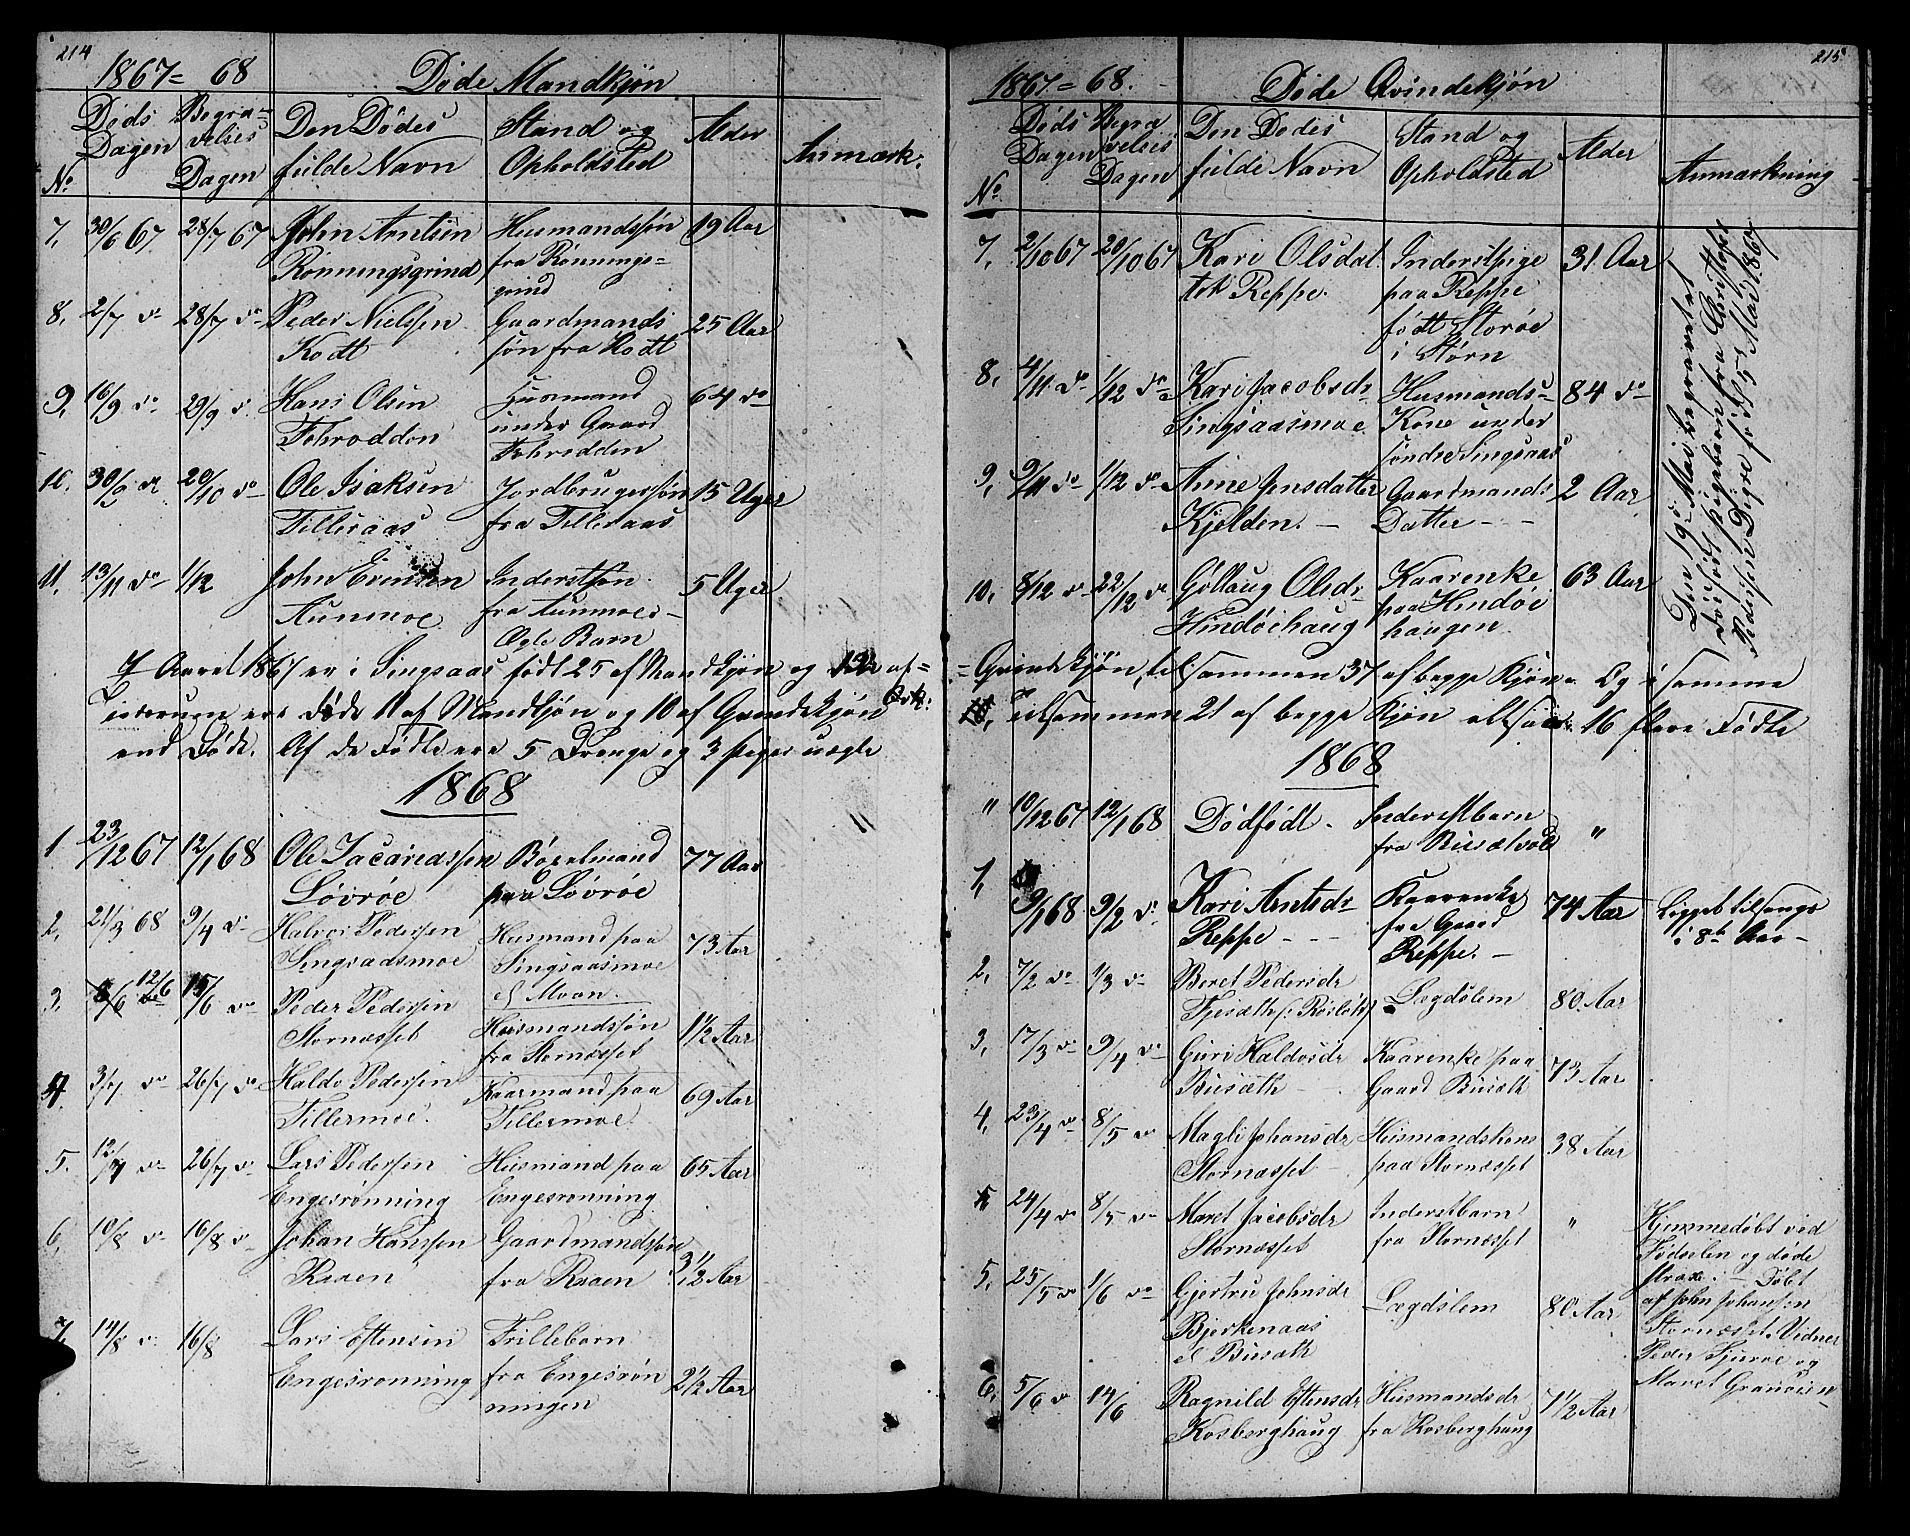 SAT, Ministerialprotokoller, klokkerbøker og fødselsregistre - Sør-Trøndelag, 688/L1027: Klokkerbok nr. 688C02, 1861-1889, s. 214-215